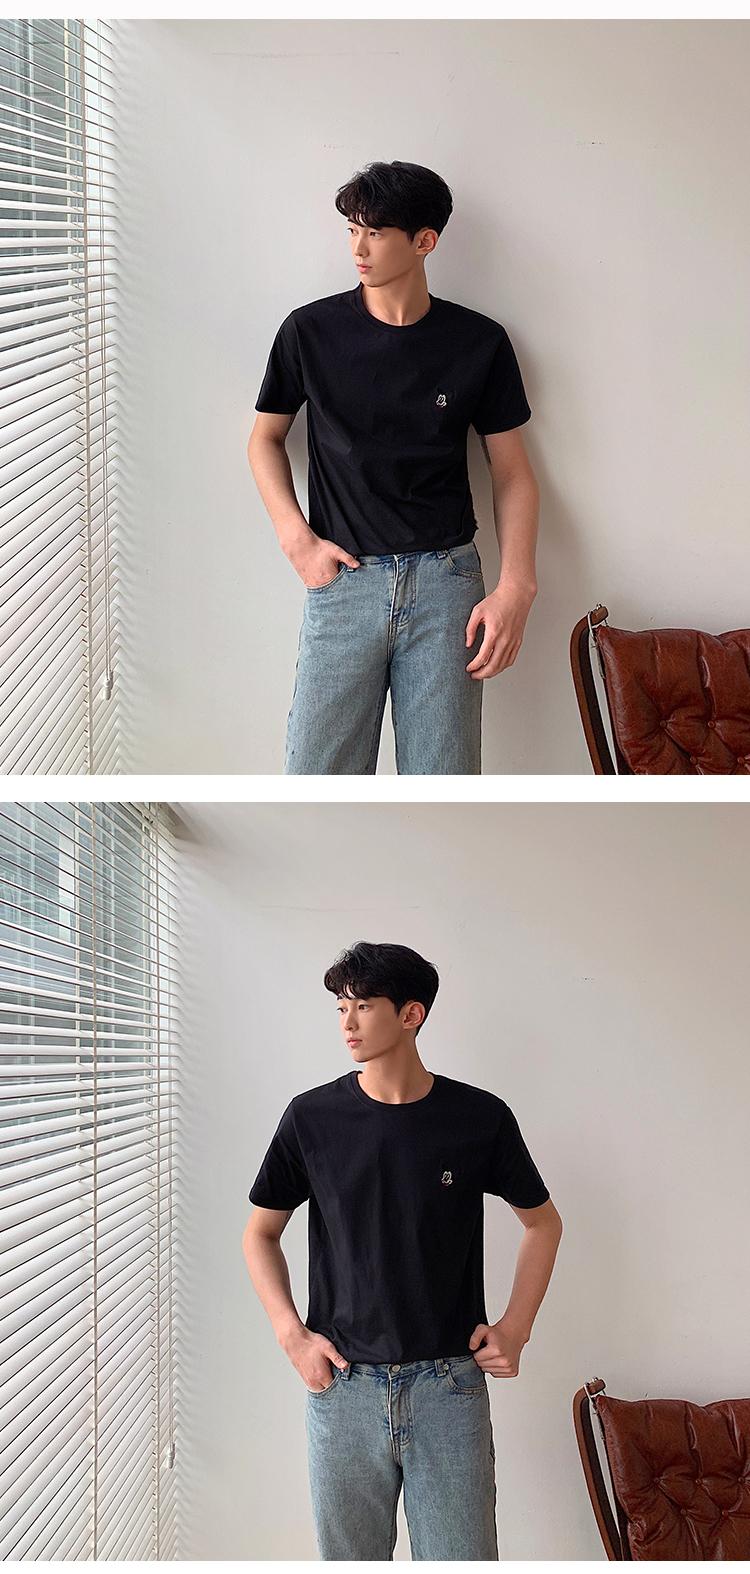 米老鼠短袖T恤男韩版半袖打底衫513-1-T120-P30